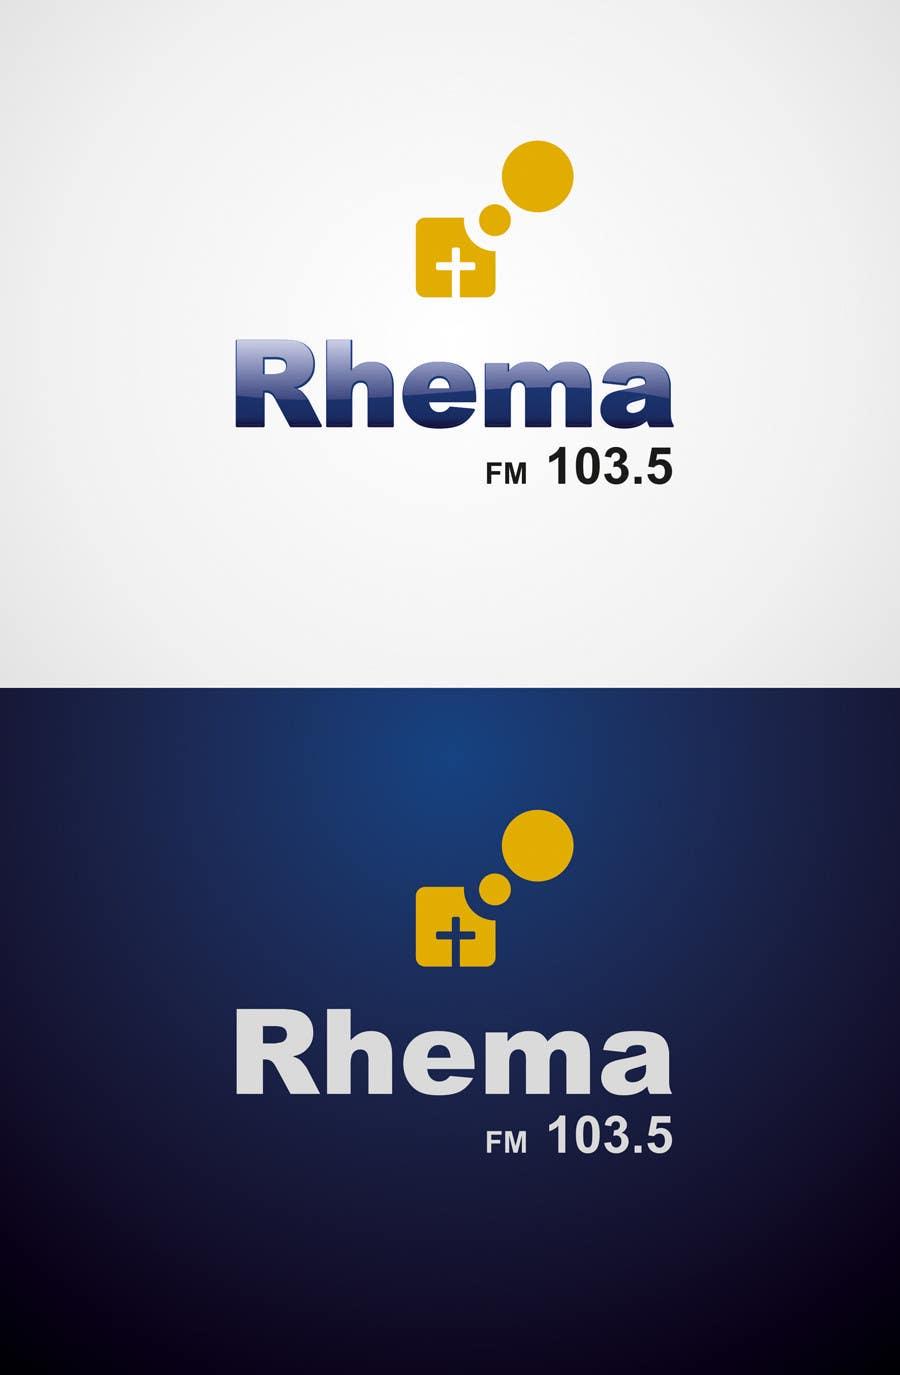 Inscrição nº 331 do Concurso para Logo Design for Rhema FM 103.5